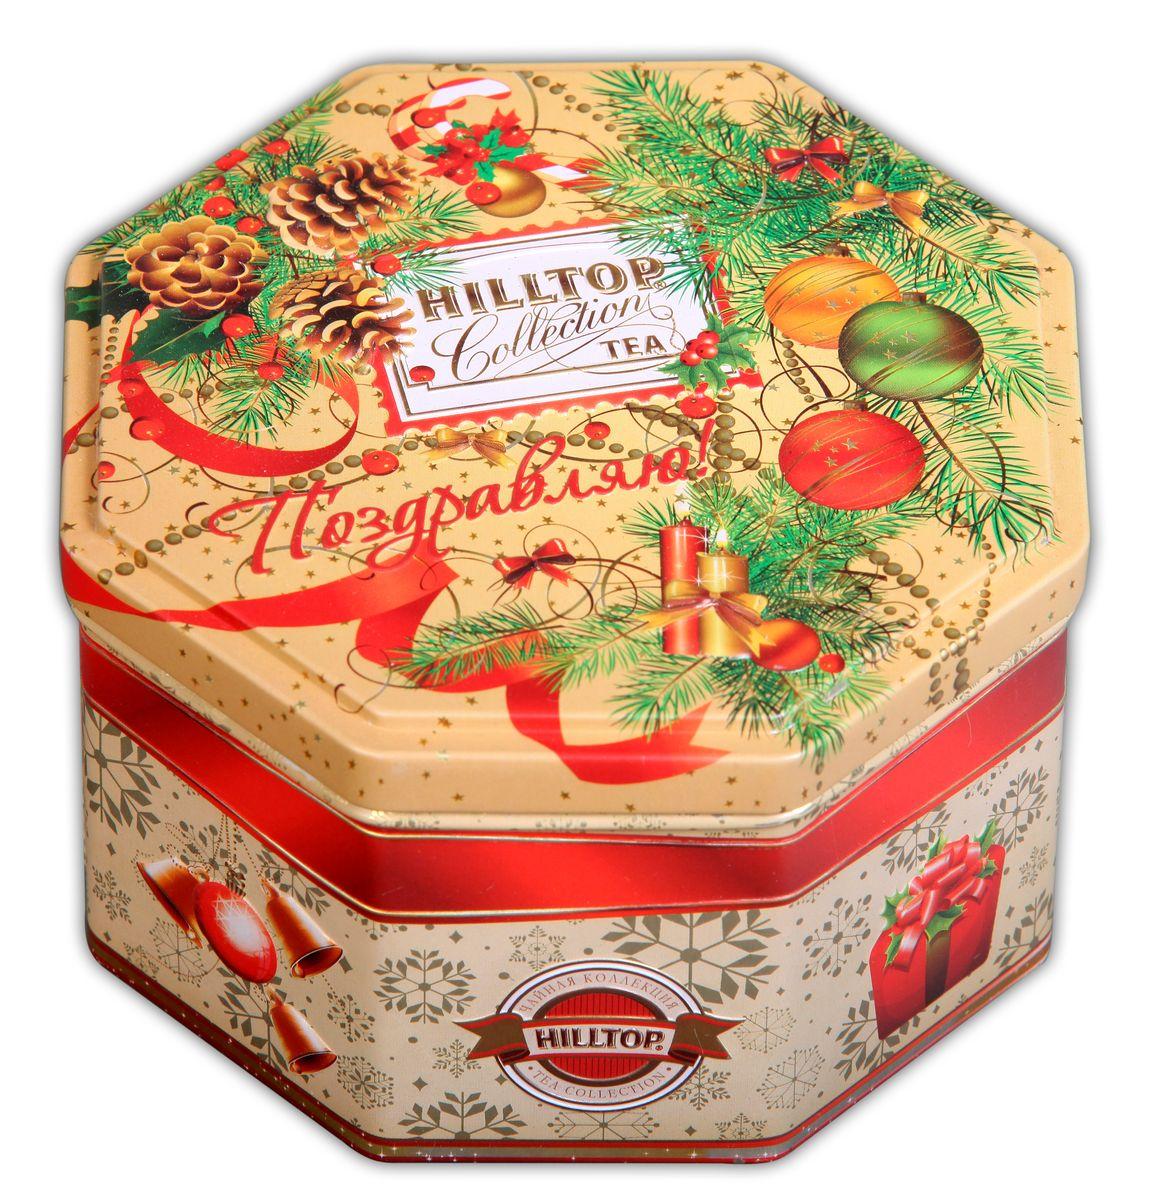 Hilltop С Новым годом Королевское золото черный листовой чай, 150 г4607099302921Чай Hilltop в восьмигранной шкатулке С Новым годом! станет прекрасным подарком для ценителей цейлонского чая. Внутри шкатулки вы найдете чёрный чай Hilltop Королевское золото стандарта Супер Пеко, собранный на лучших плантациях острова Цейлон, с терпким вкусом и насыщенным ароматом. Этот чай прекрасно тонизирует и согревает в любое время дня и подарит вам радость зимнего чаепития в кругу родных и друзей.